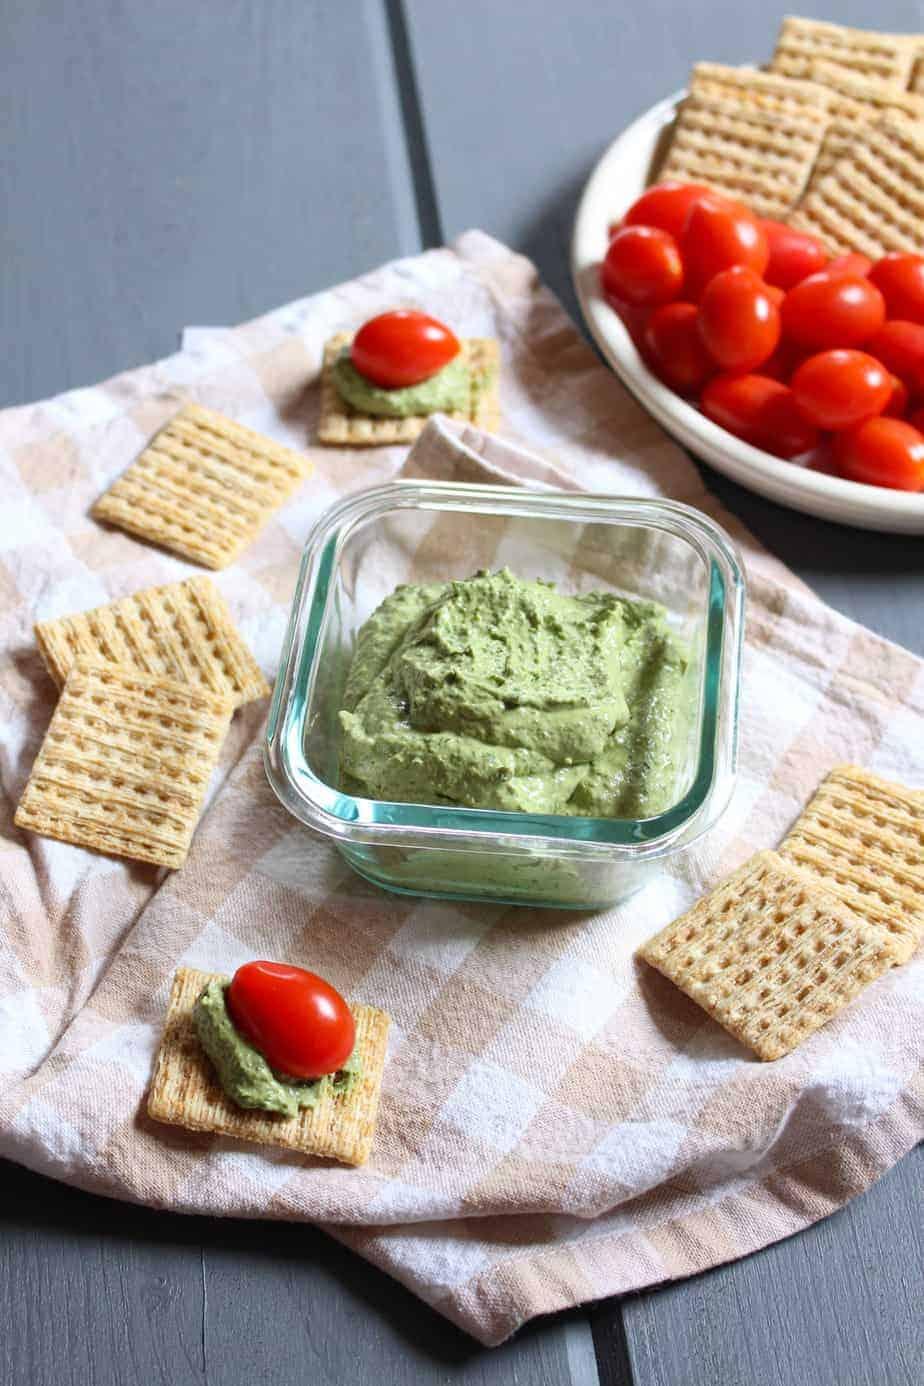 Easy 3-Ingredient Basil Cream Cheese Dip | Frugal Nutrition